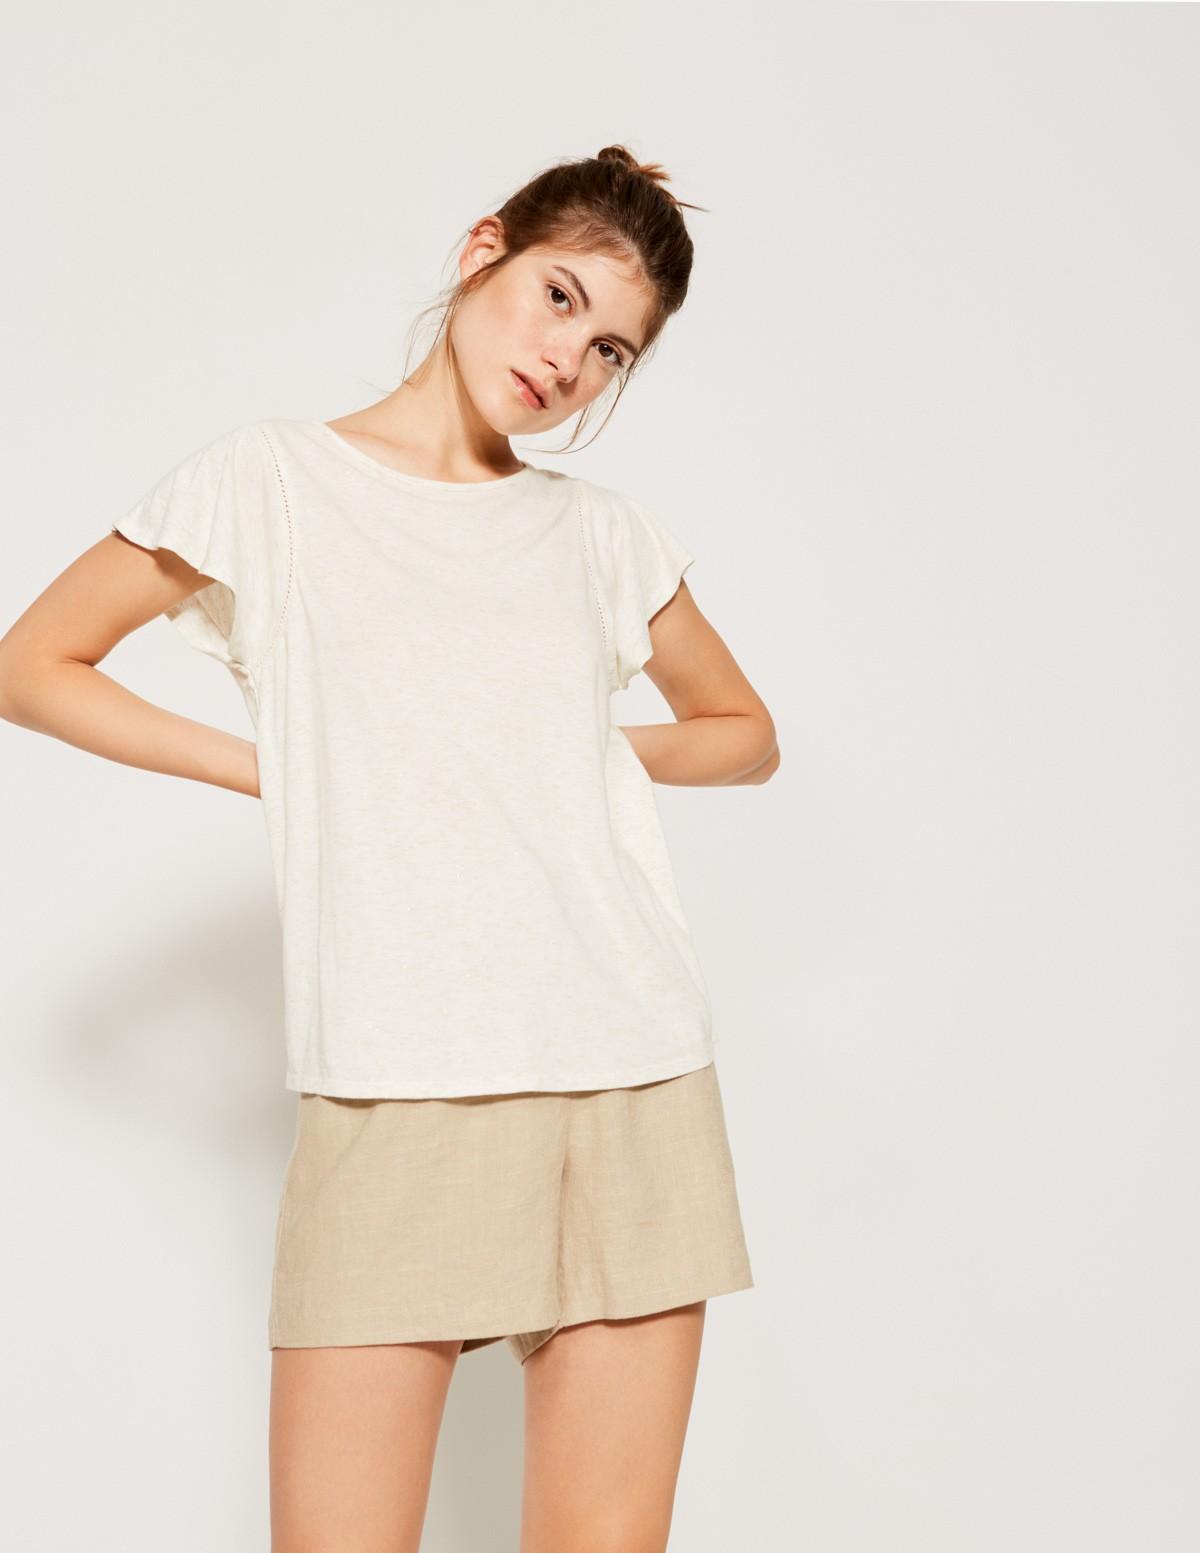 Camiseta melange brillos